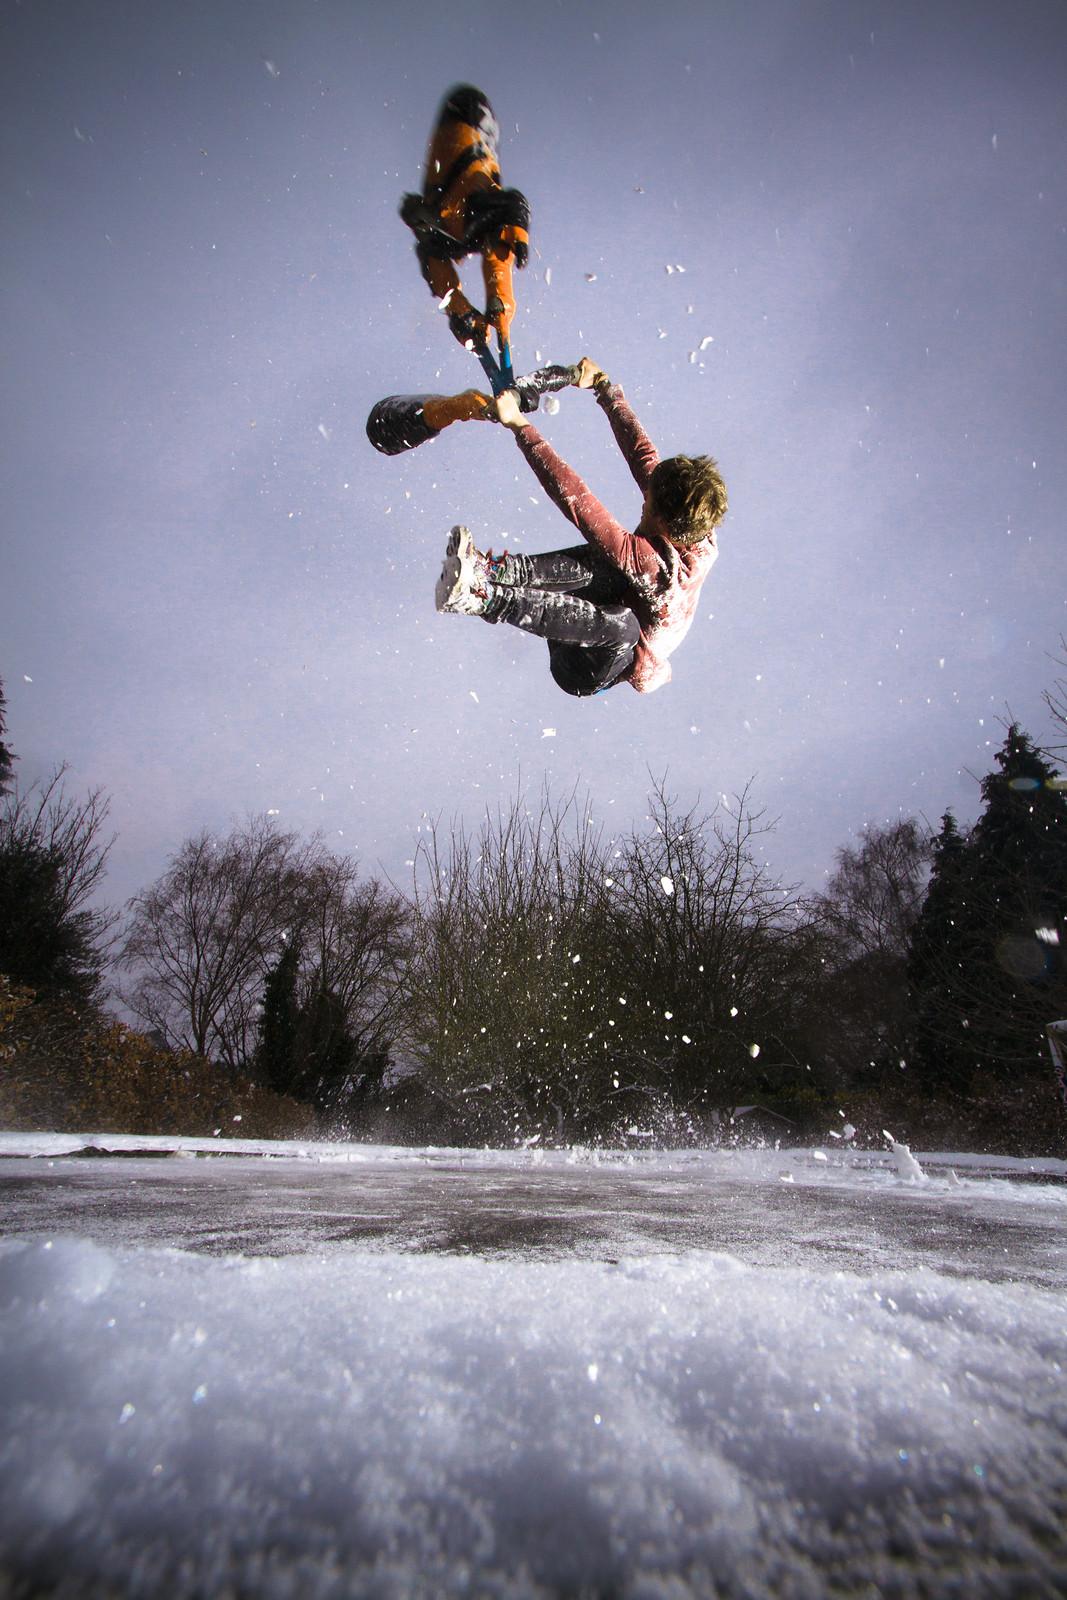 Tim Ledson Snowy Flipwhip - jamieledson - Mountain Biking Pictures - Vital MTB